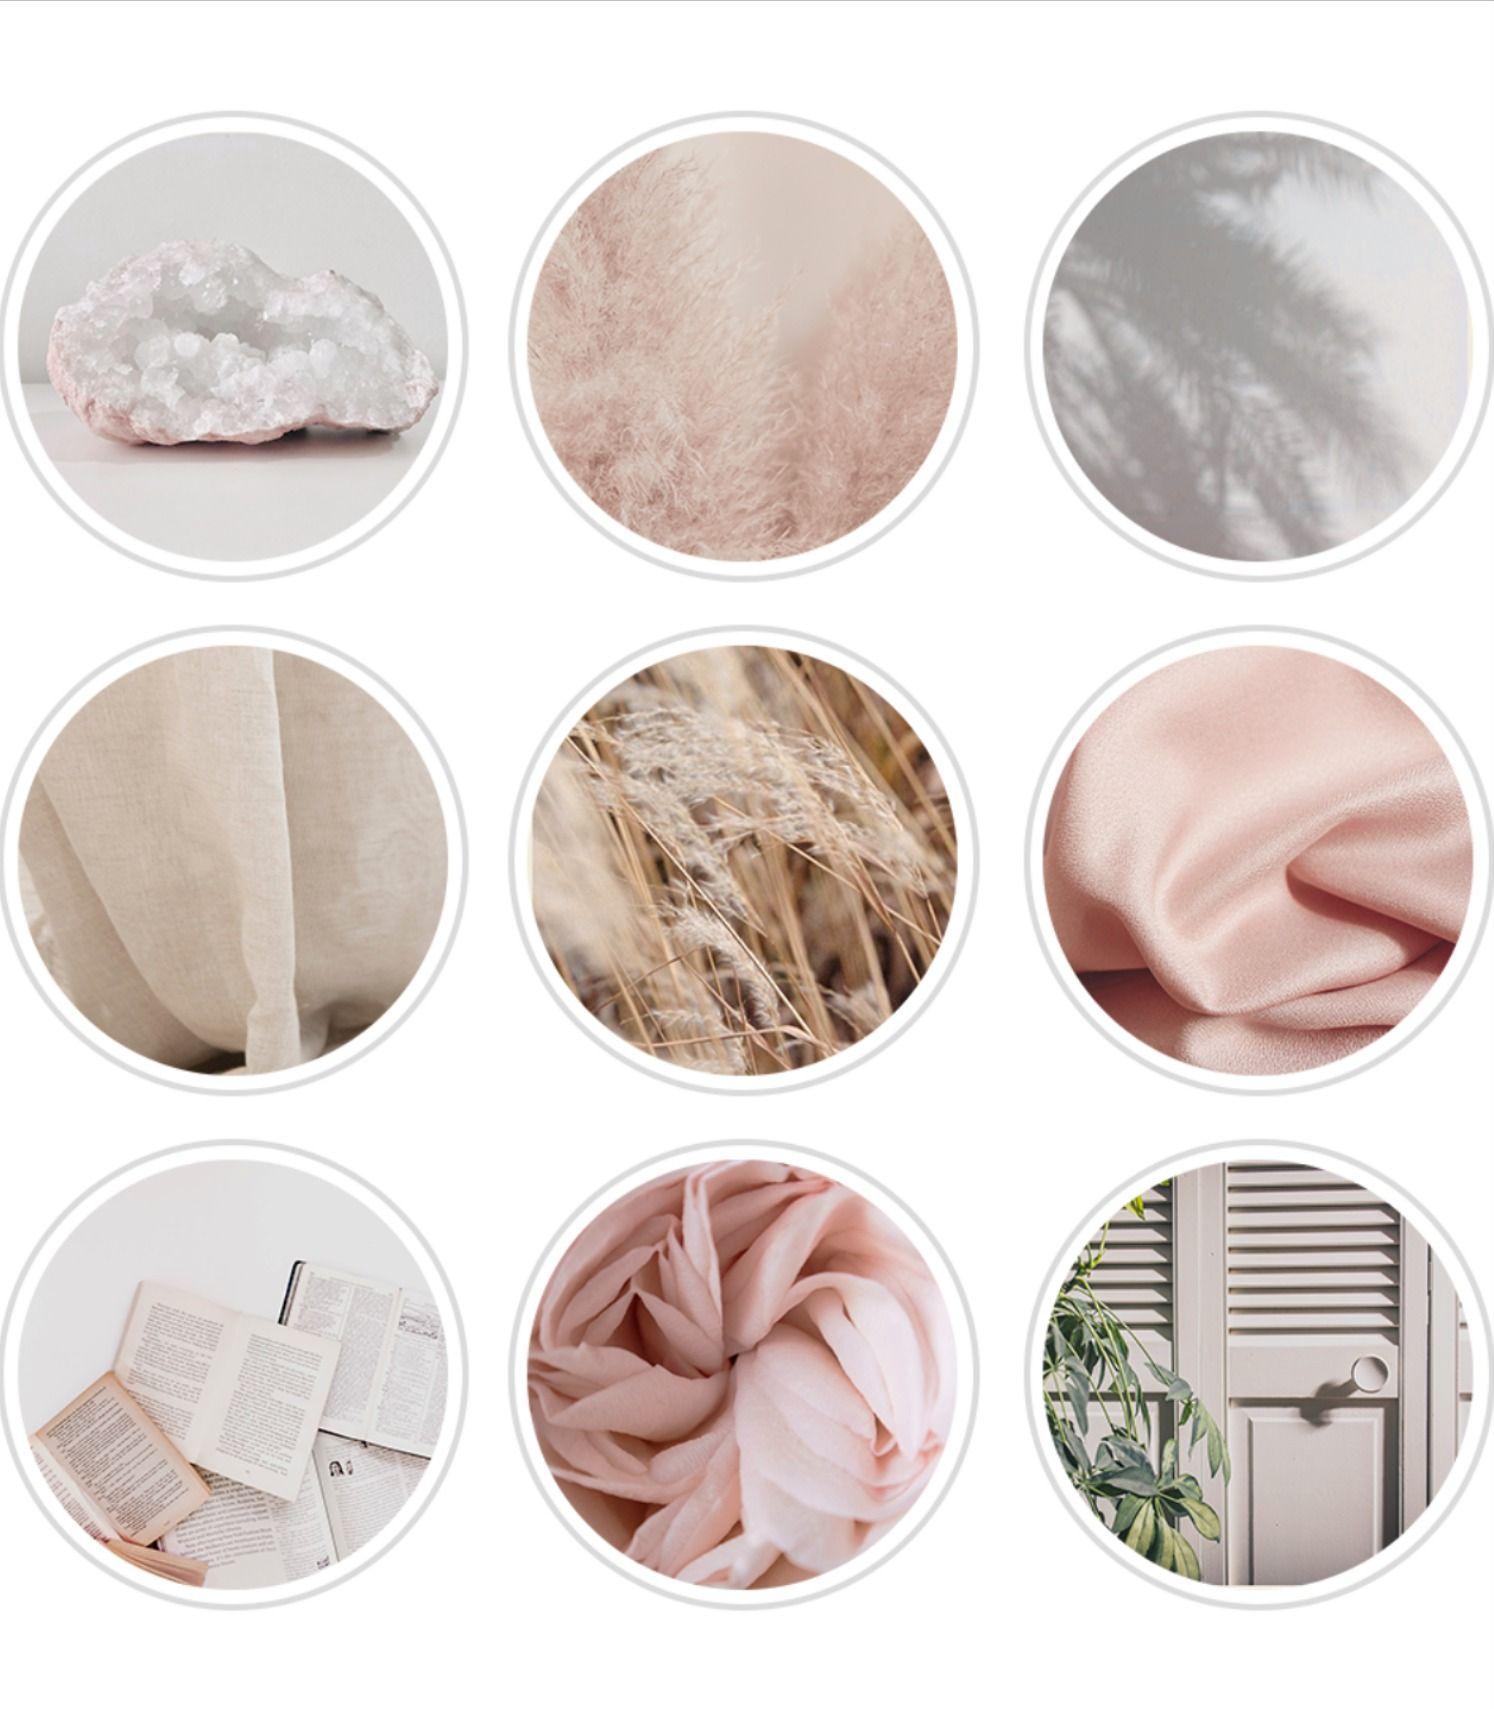 Купить дизайн 18 обложек на вечные сториз. Instagram highlight cover. Инстадизайн 2020